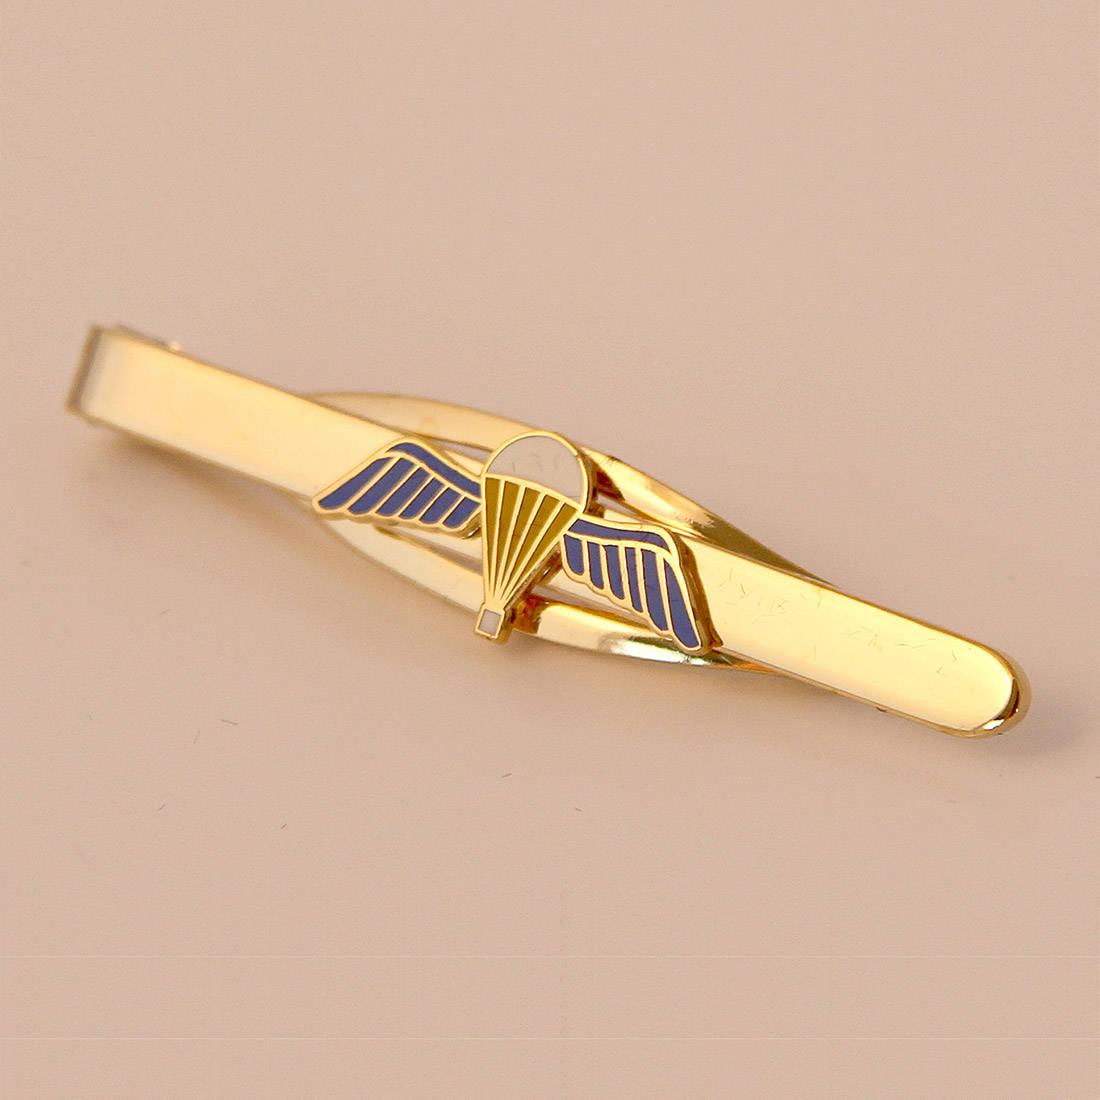 Jump Wings Tie Slide (Enamel Badge on Metal Slide)